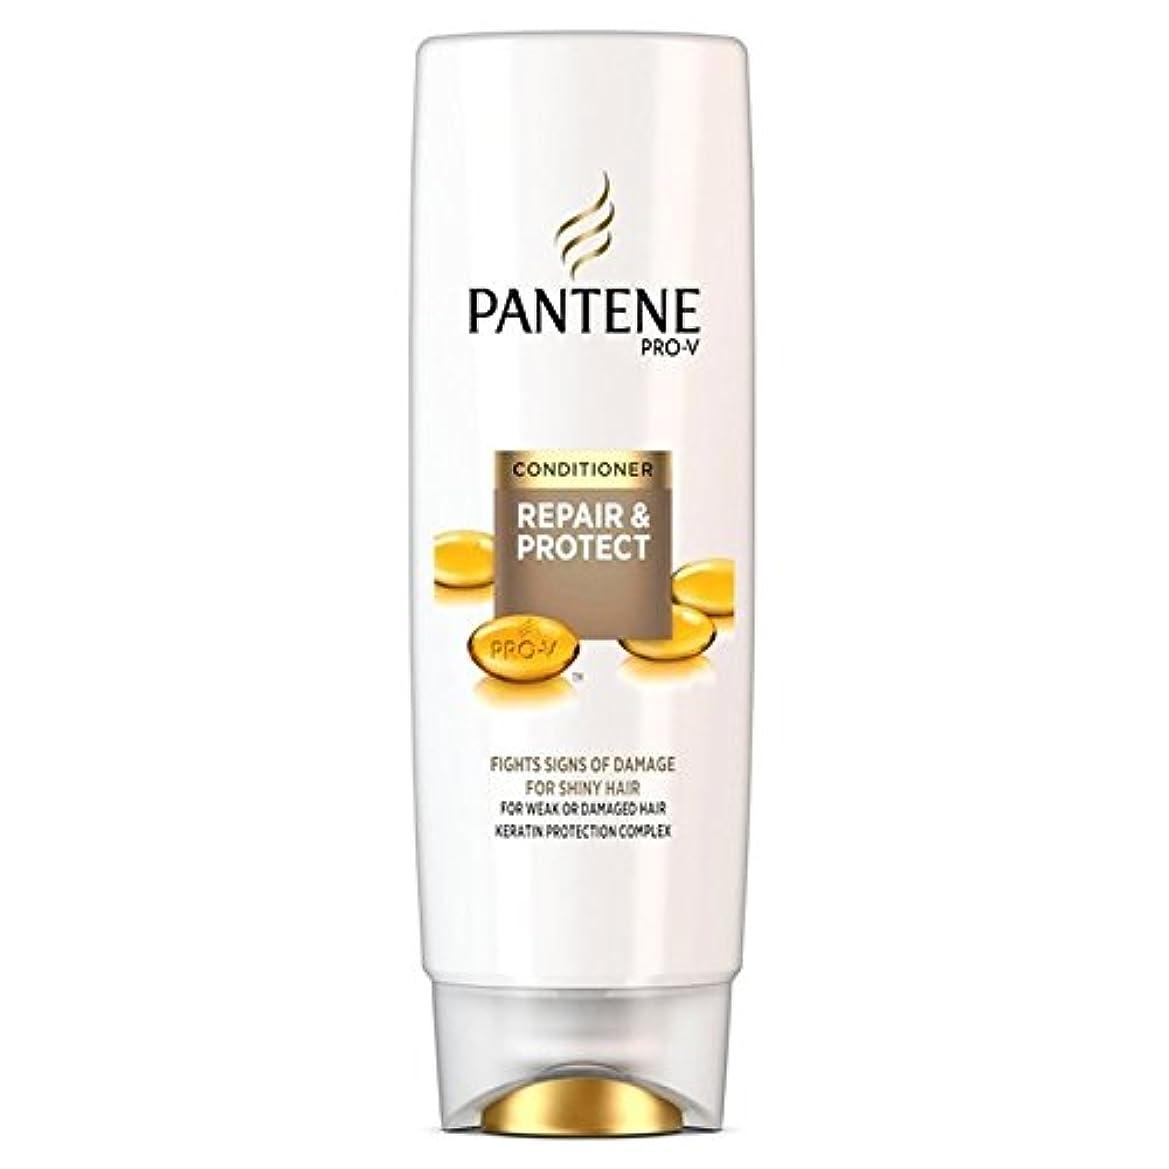 クリーム救急車質量パンテーンコンディショナーの修理&弱いか、傷んだ髪の250ミリリットルのための保護 x4 - Pantene Conditioner Repair & Protect For Weak Or Damaged Hair 250ml...